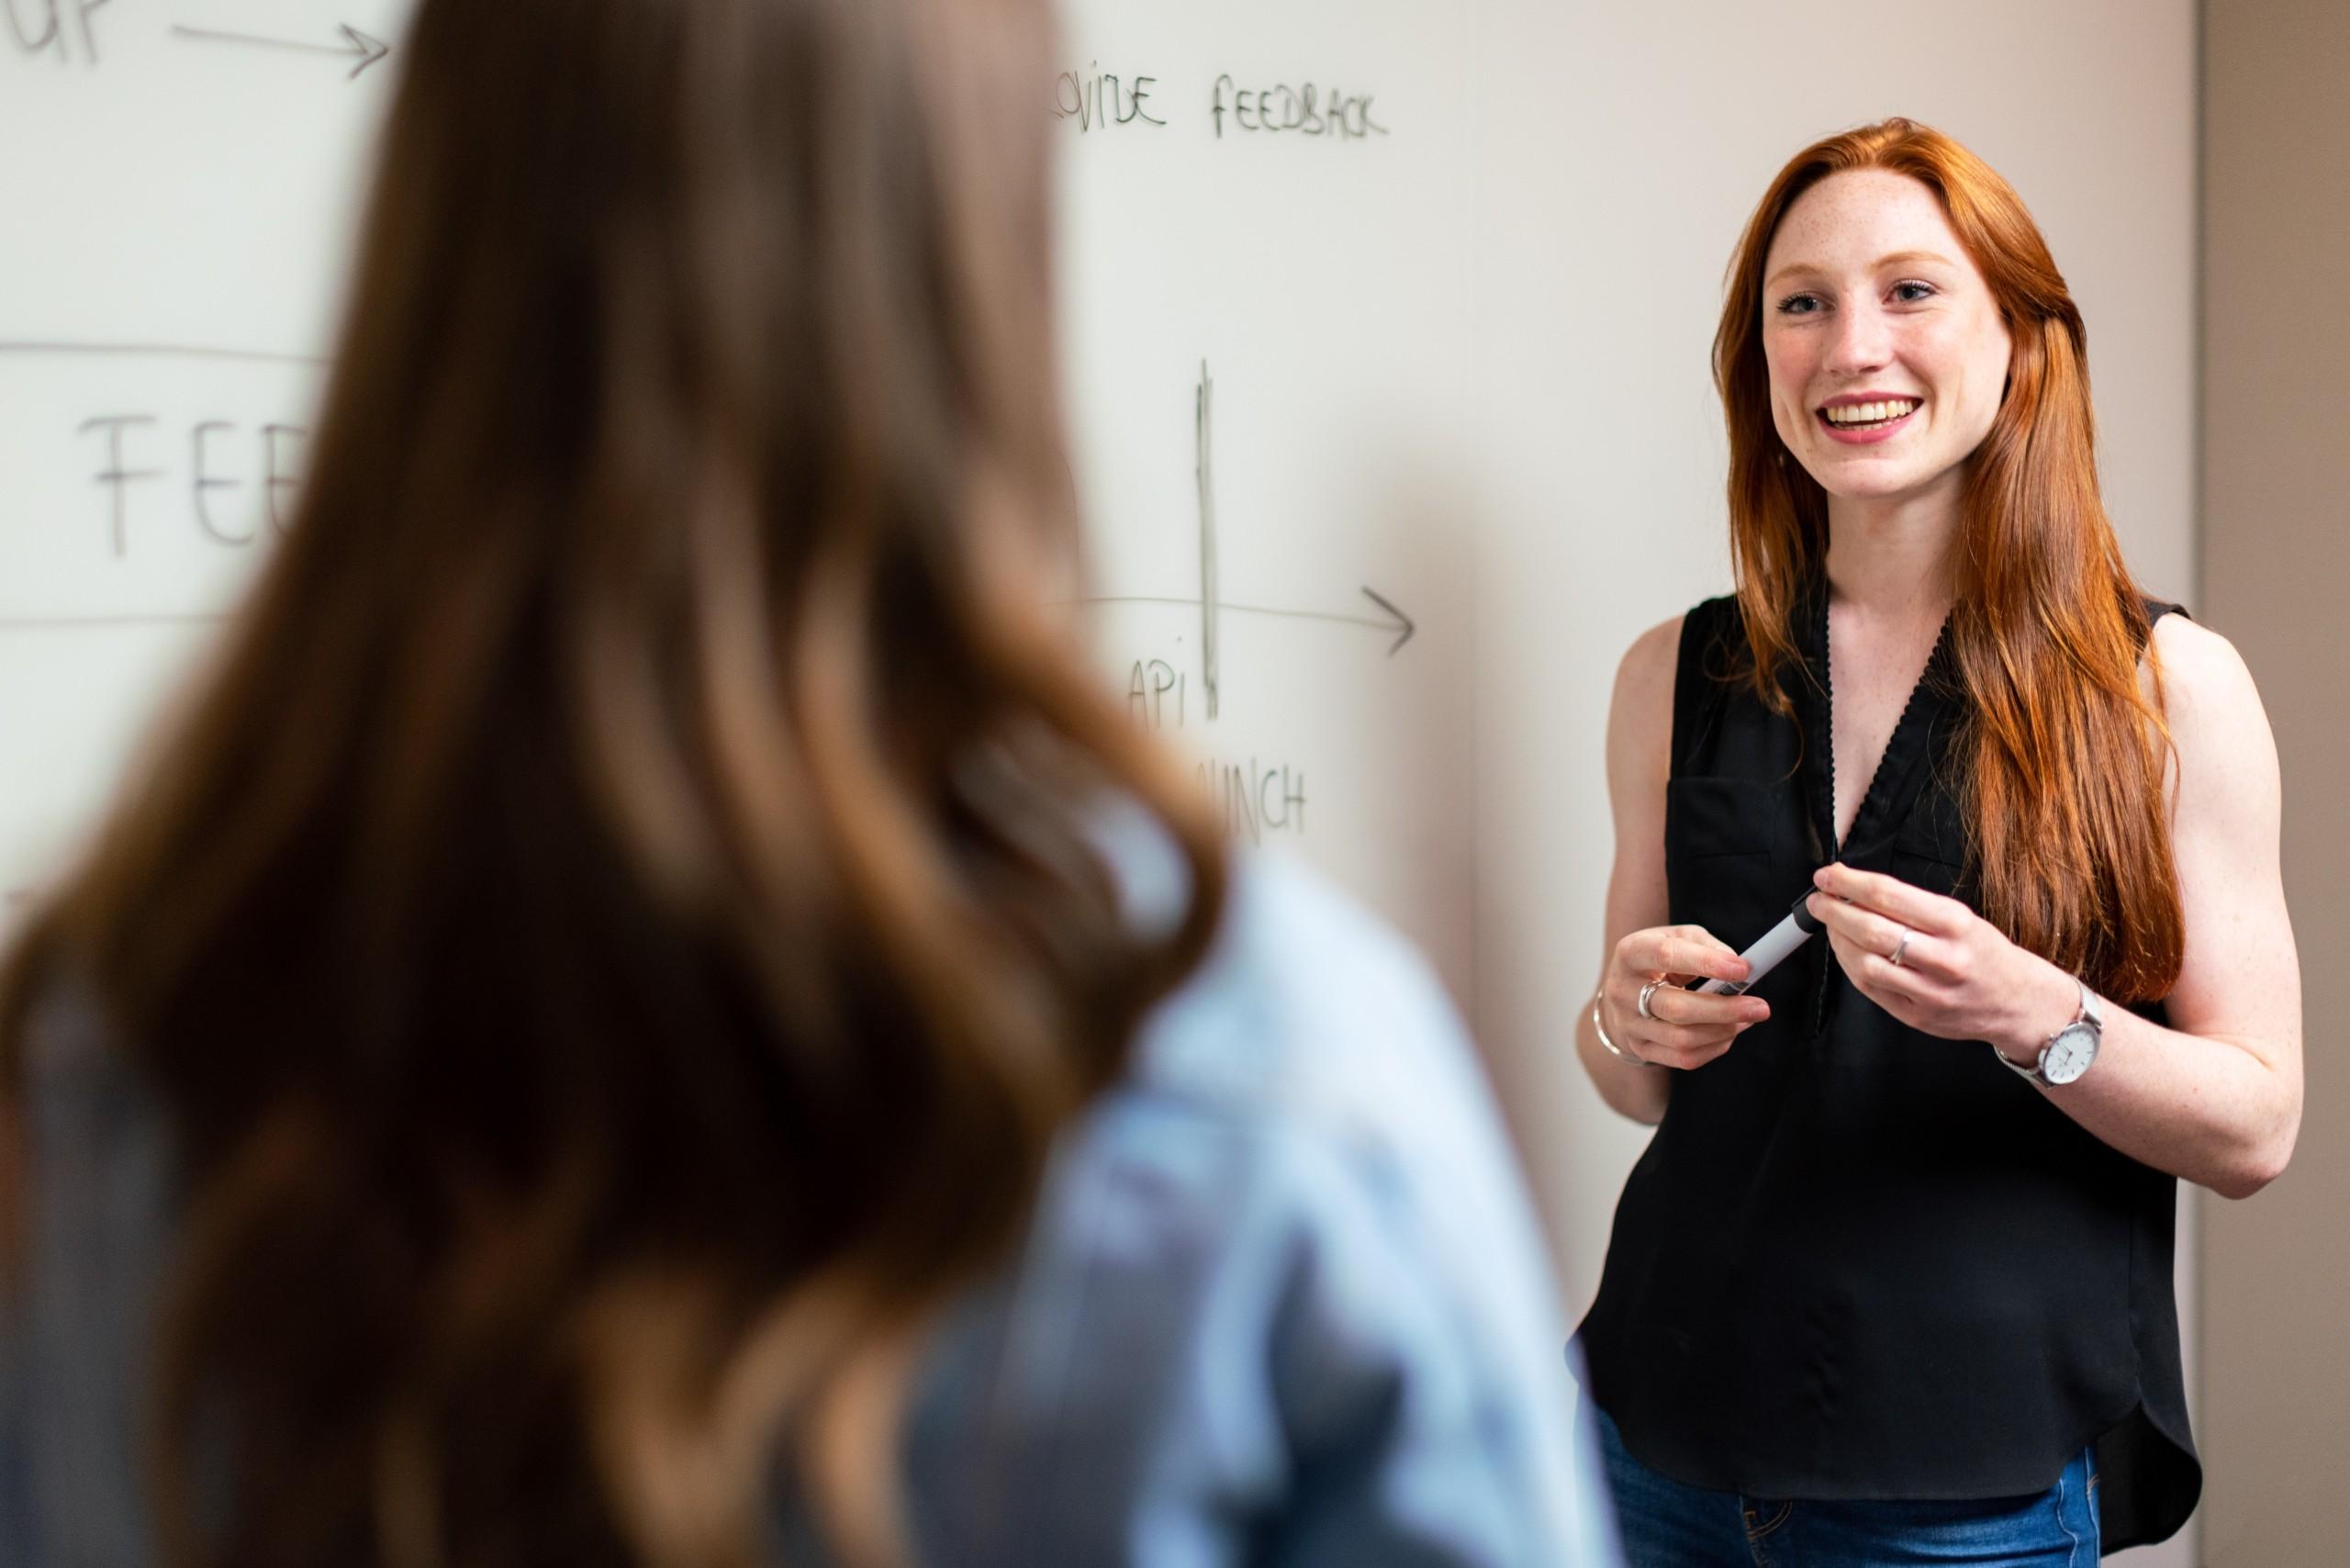 two women talking in classroom